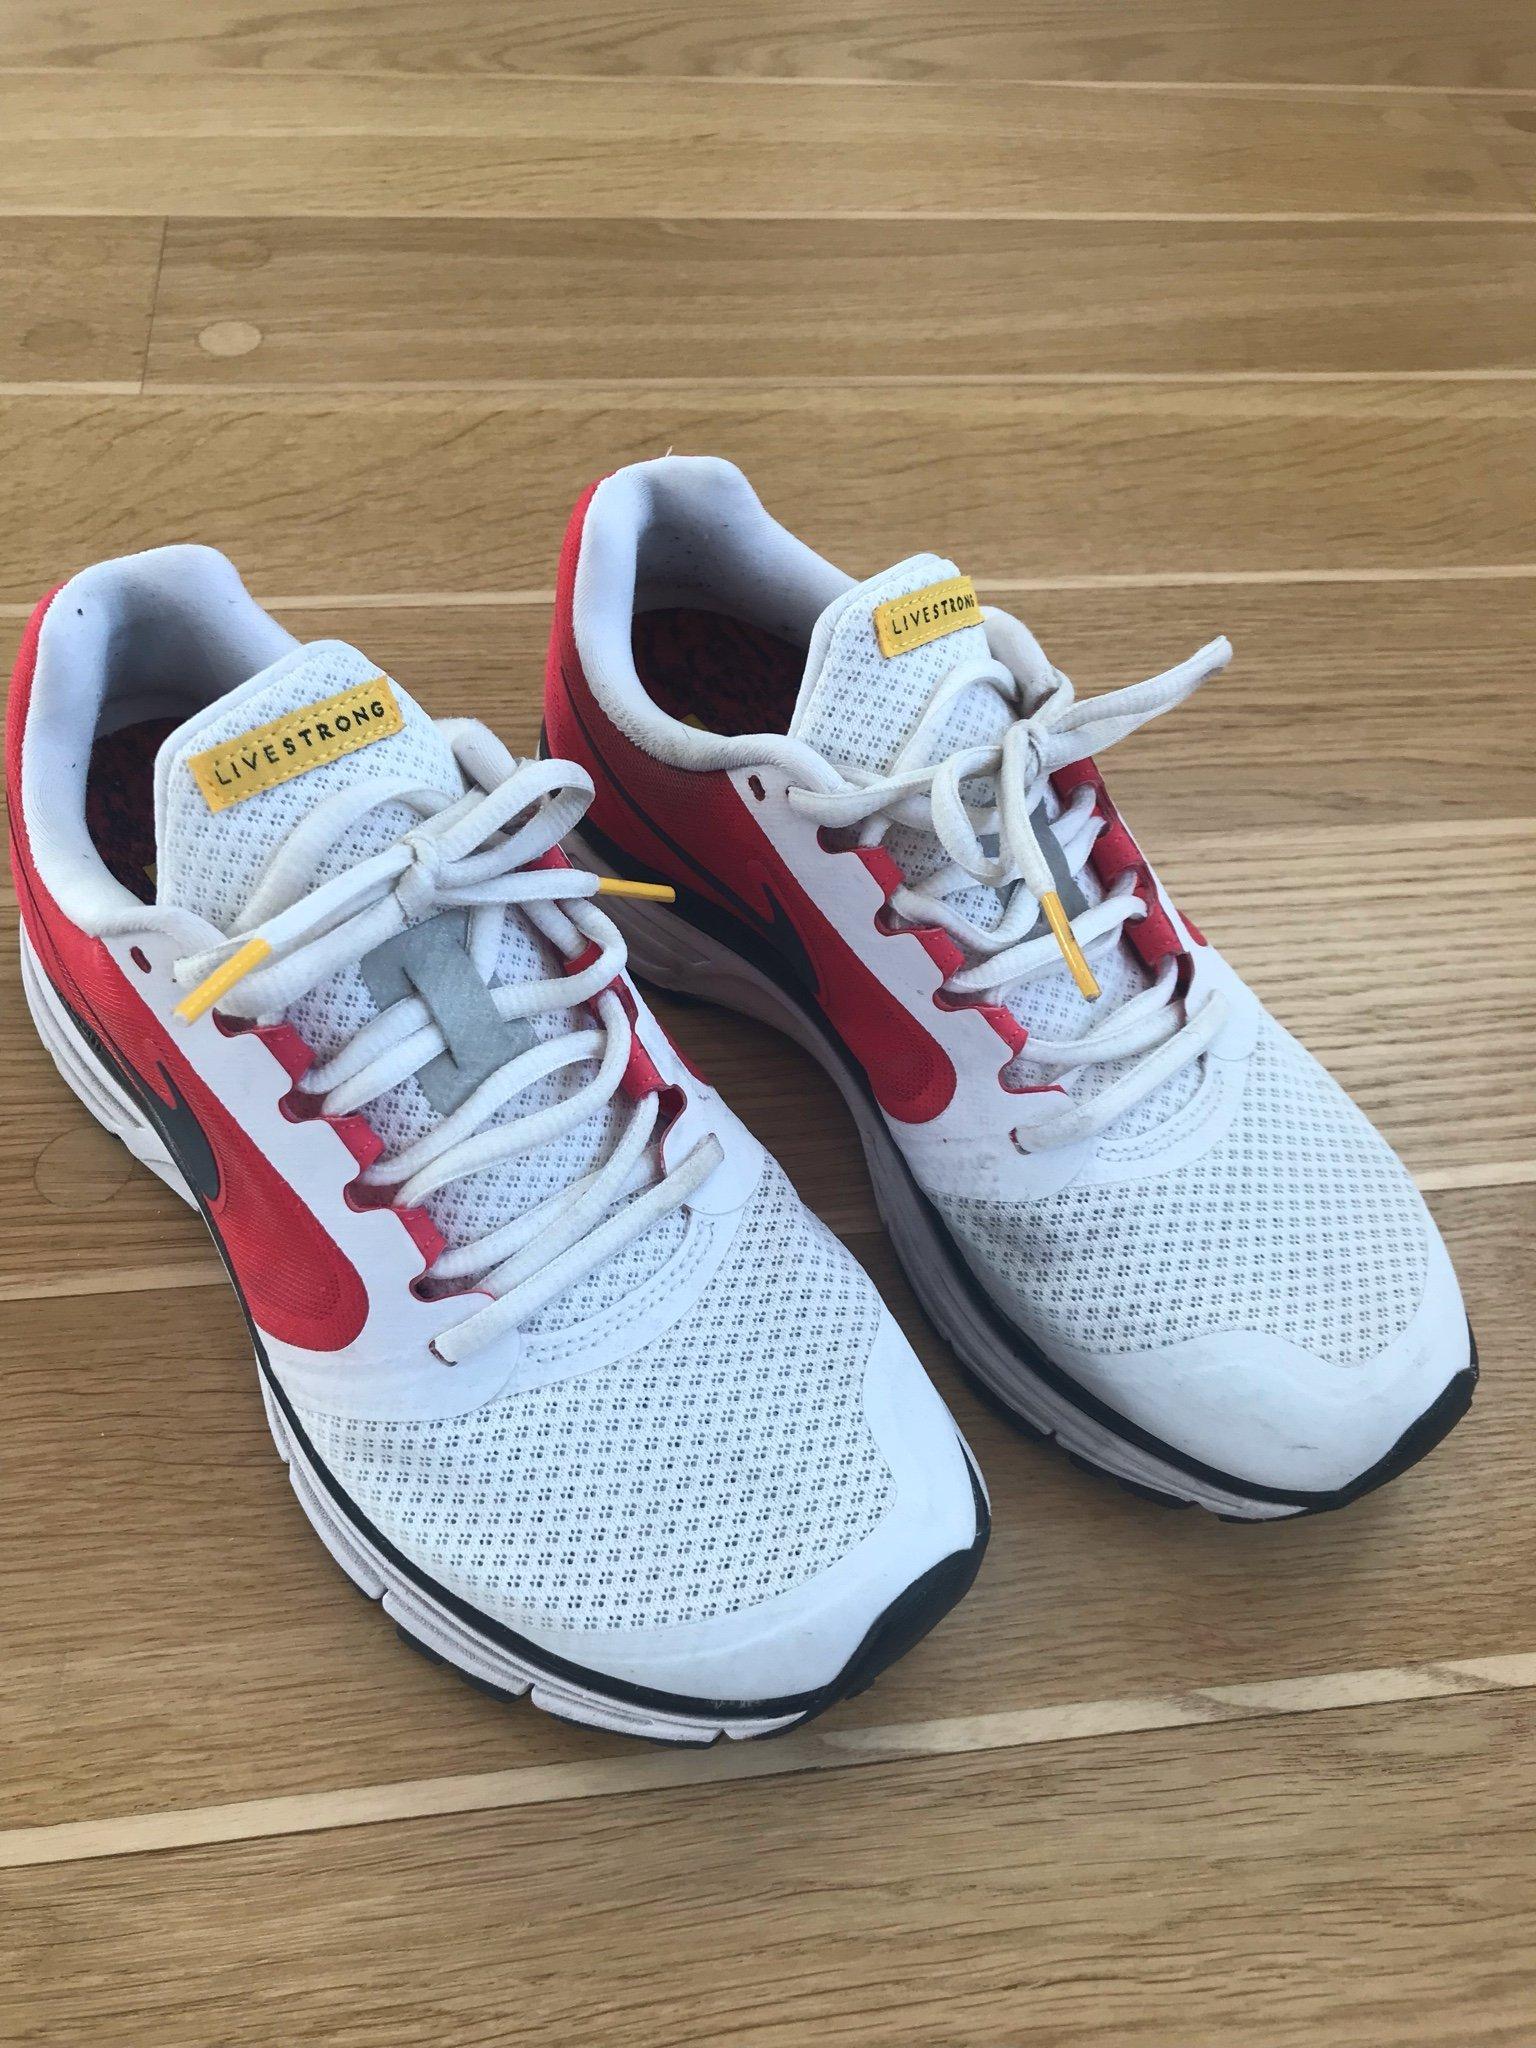 cbd97b11142 Nike skor 38 (349449096) ᐈ Köp på Tradera